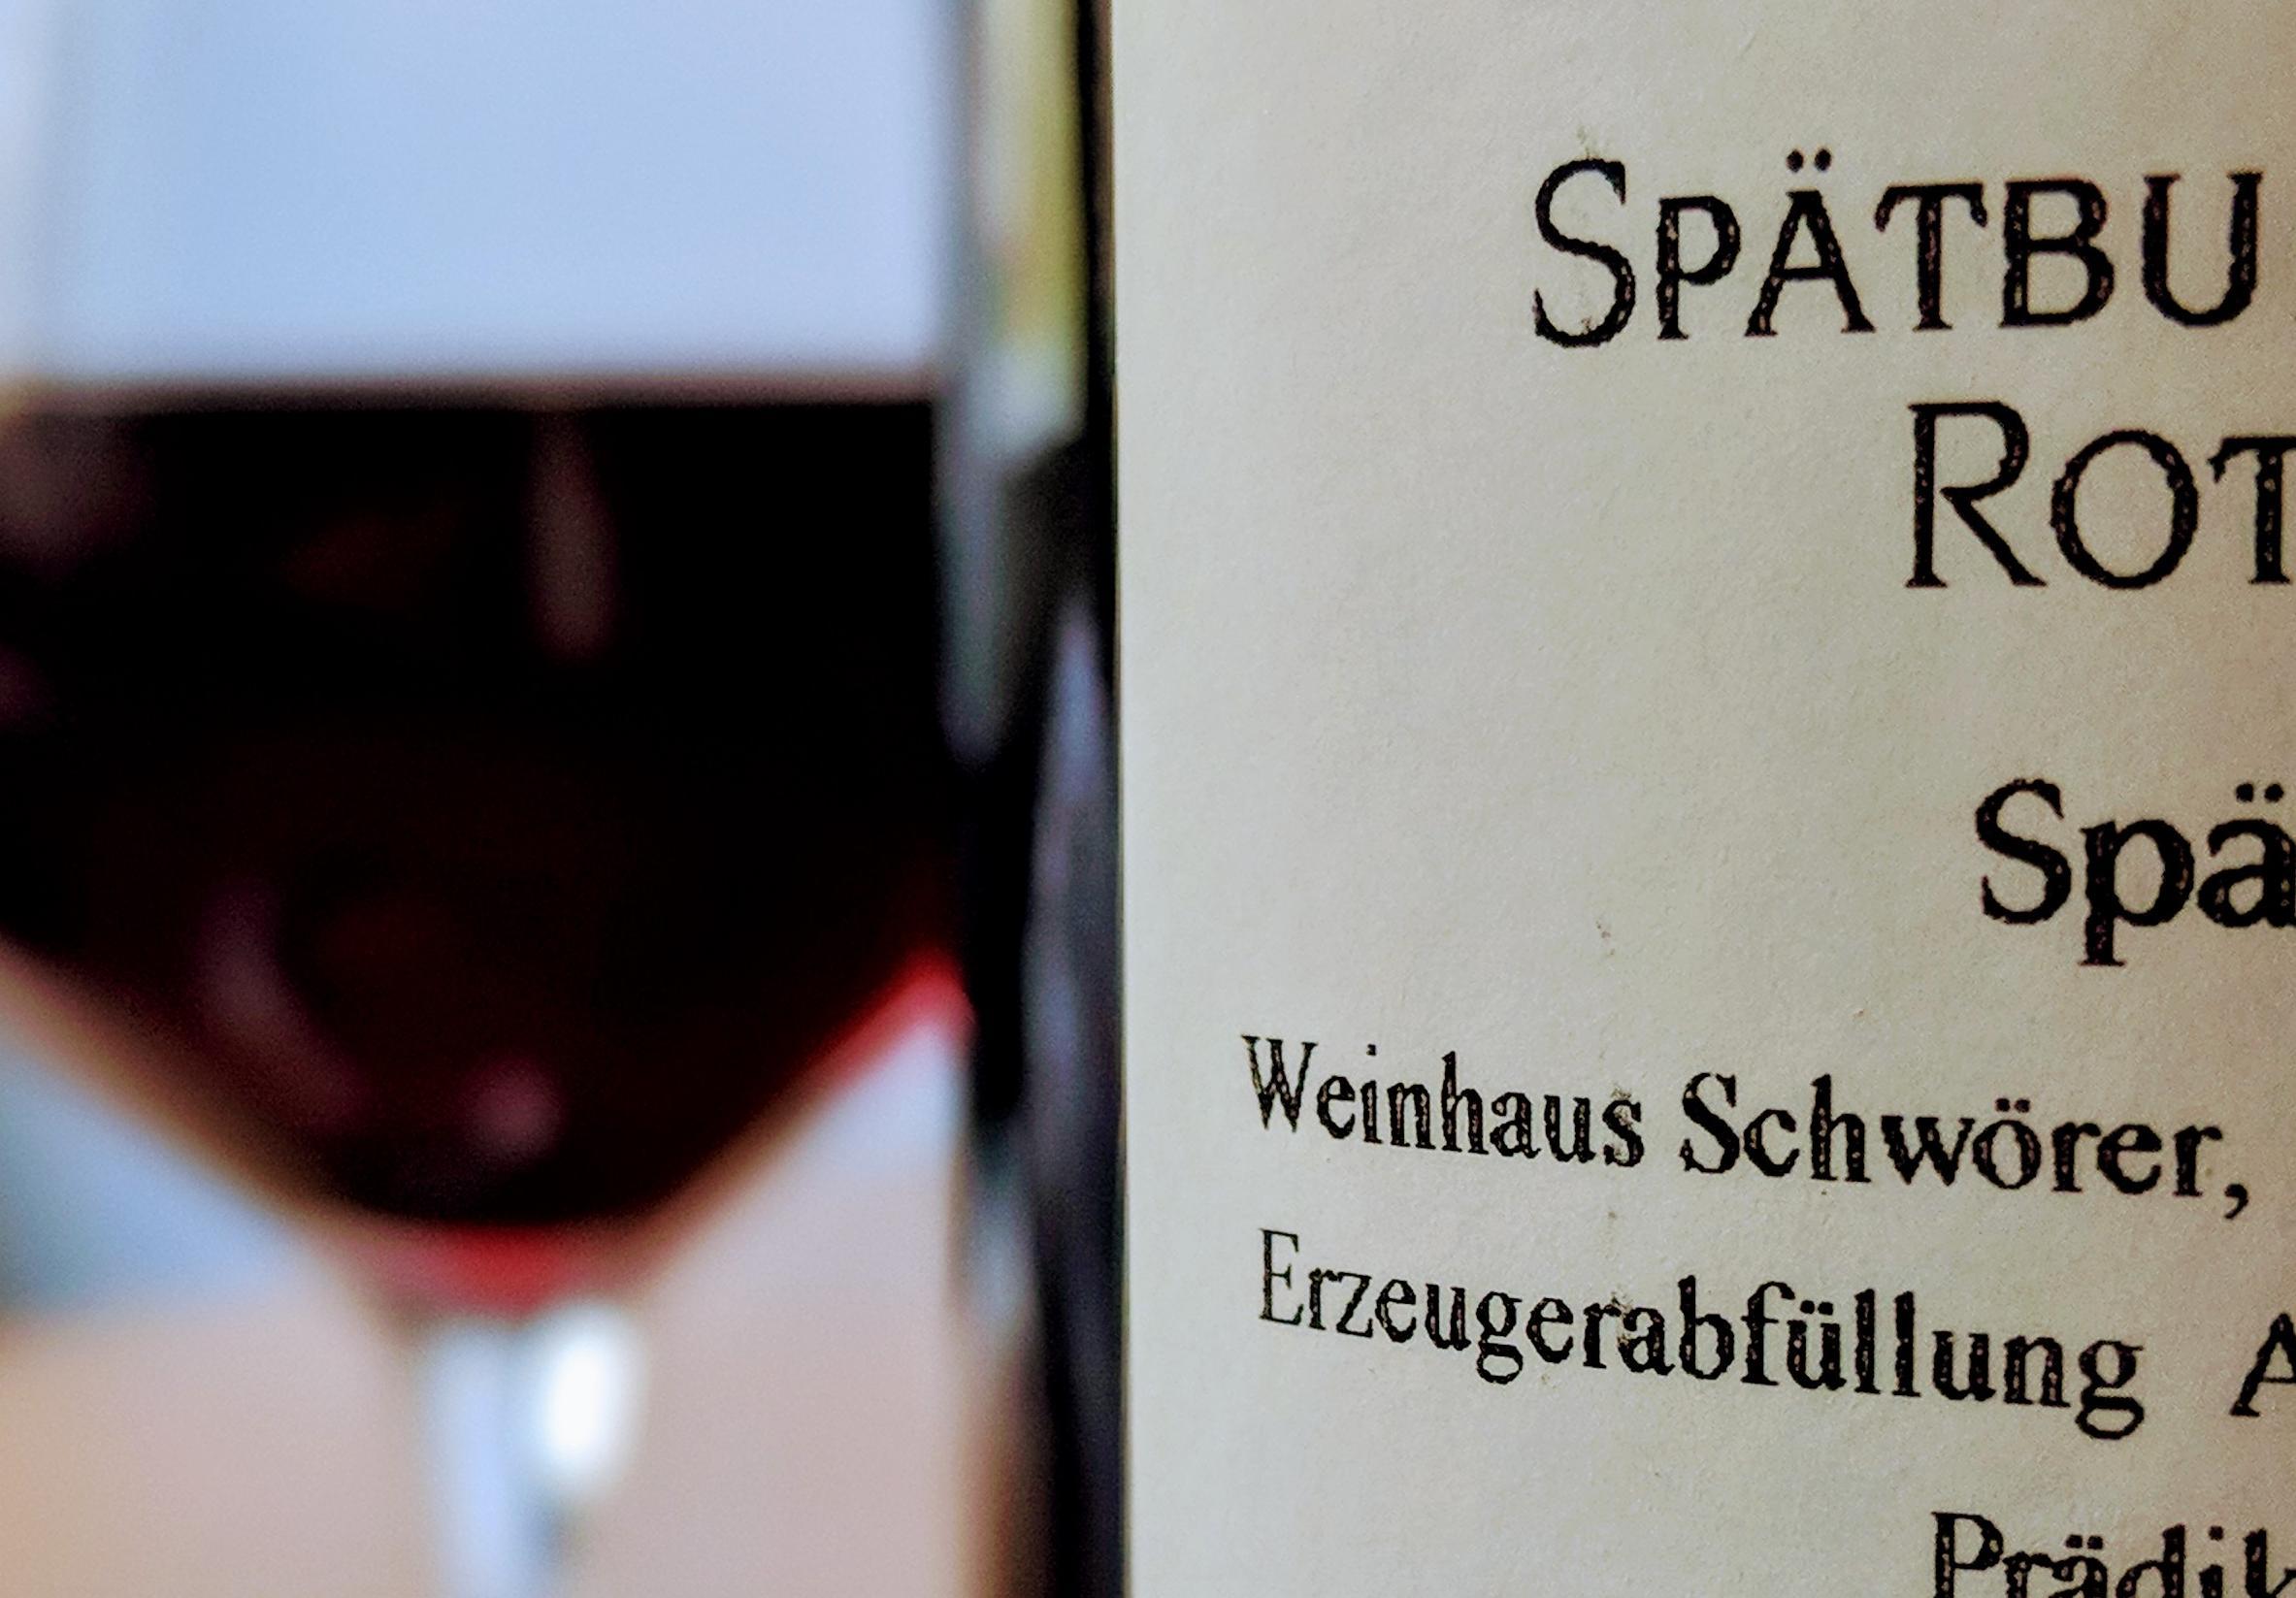 Chemie-Wissen für Schlaumeier: Warum eigentlich enthält Wein Schwefel?